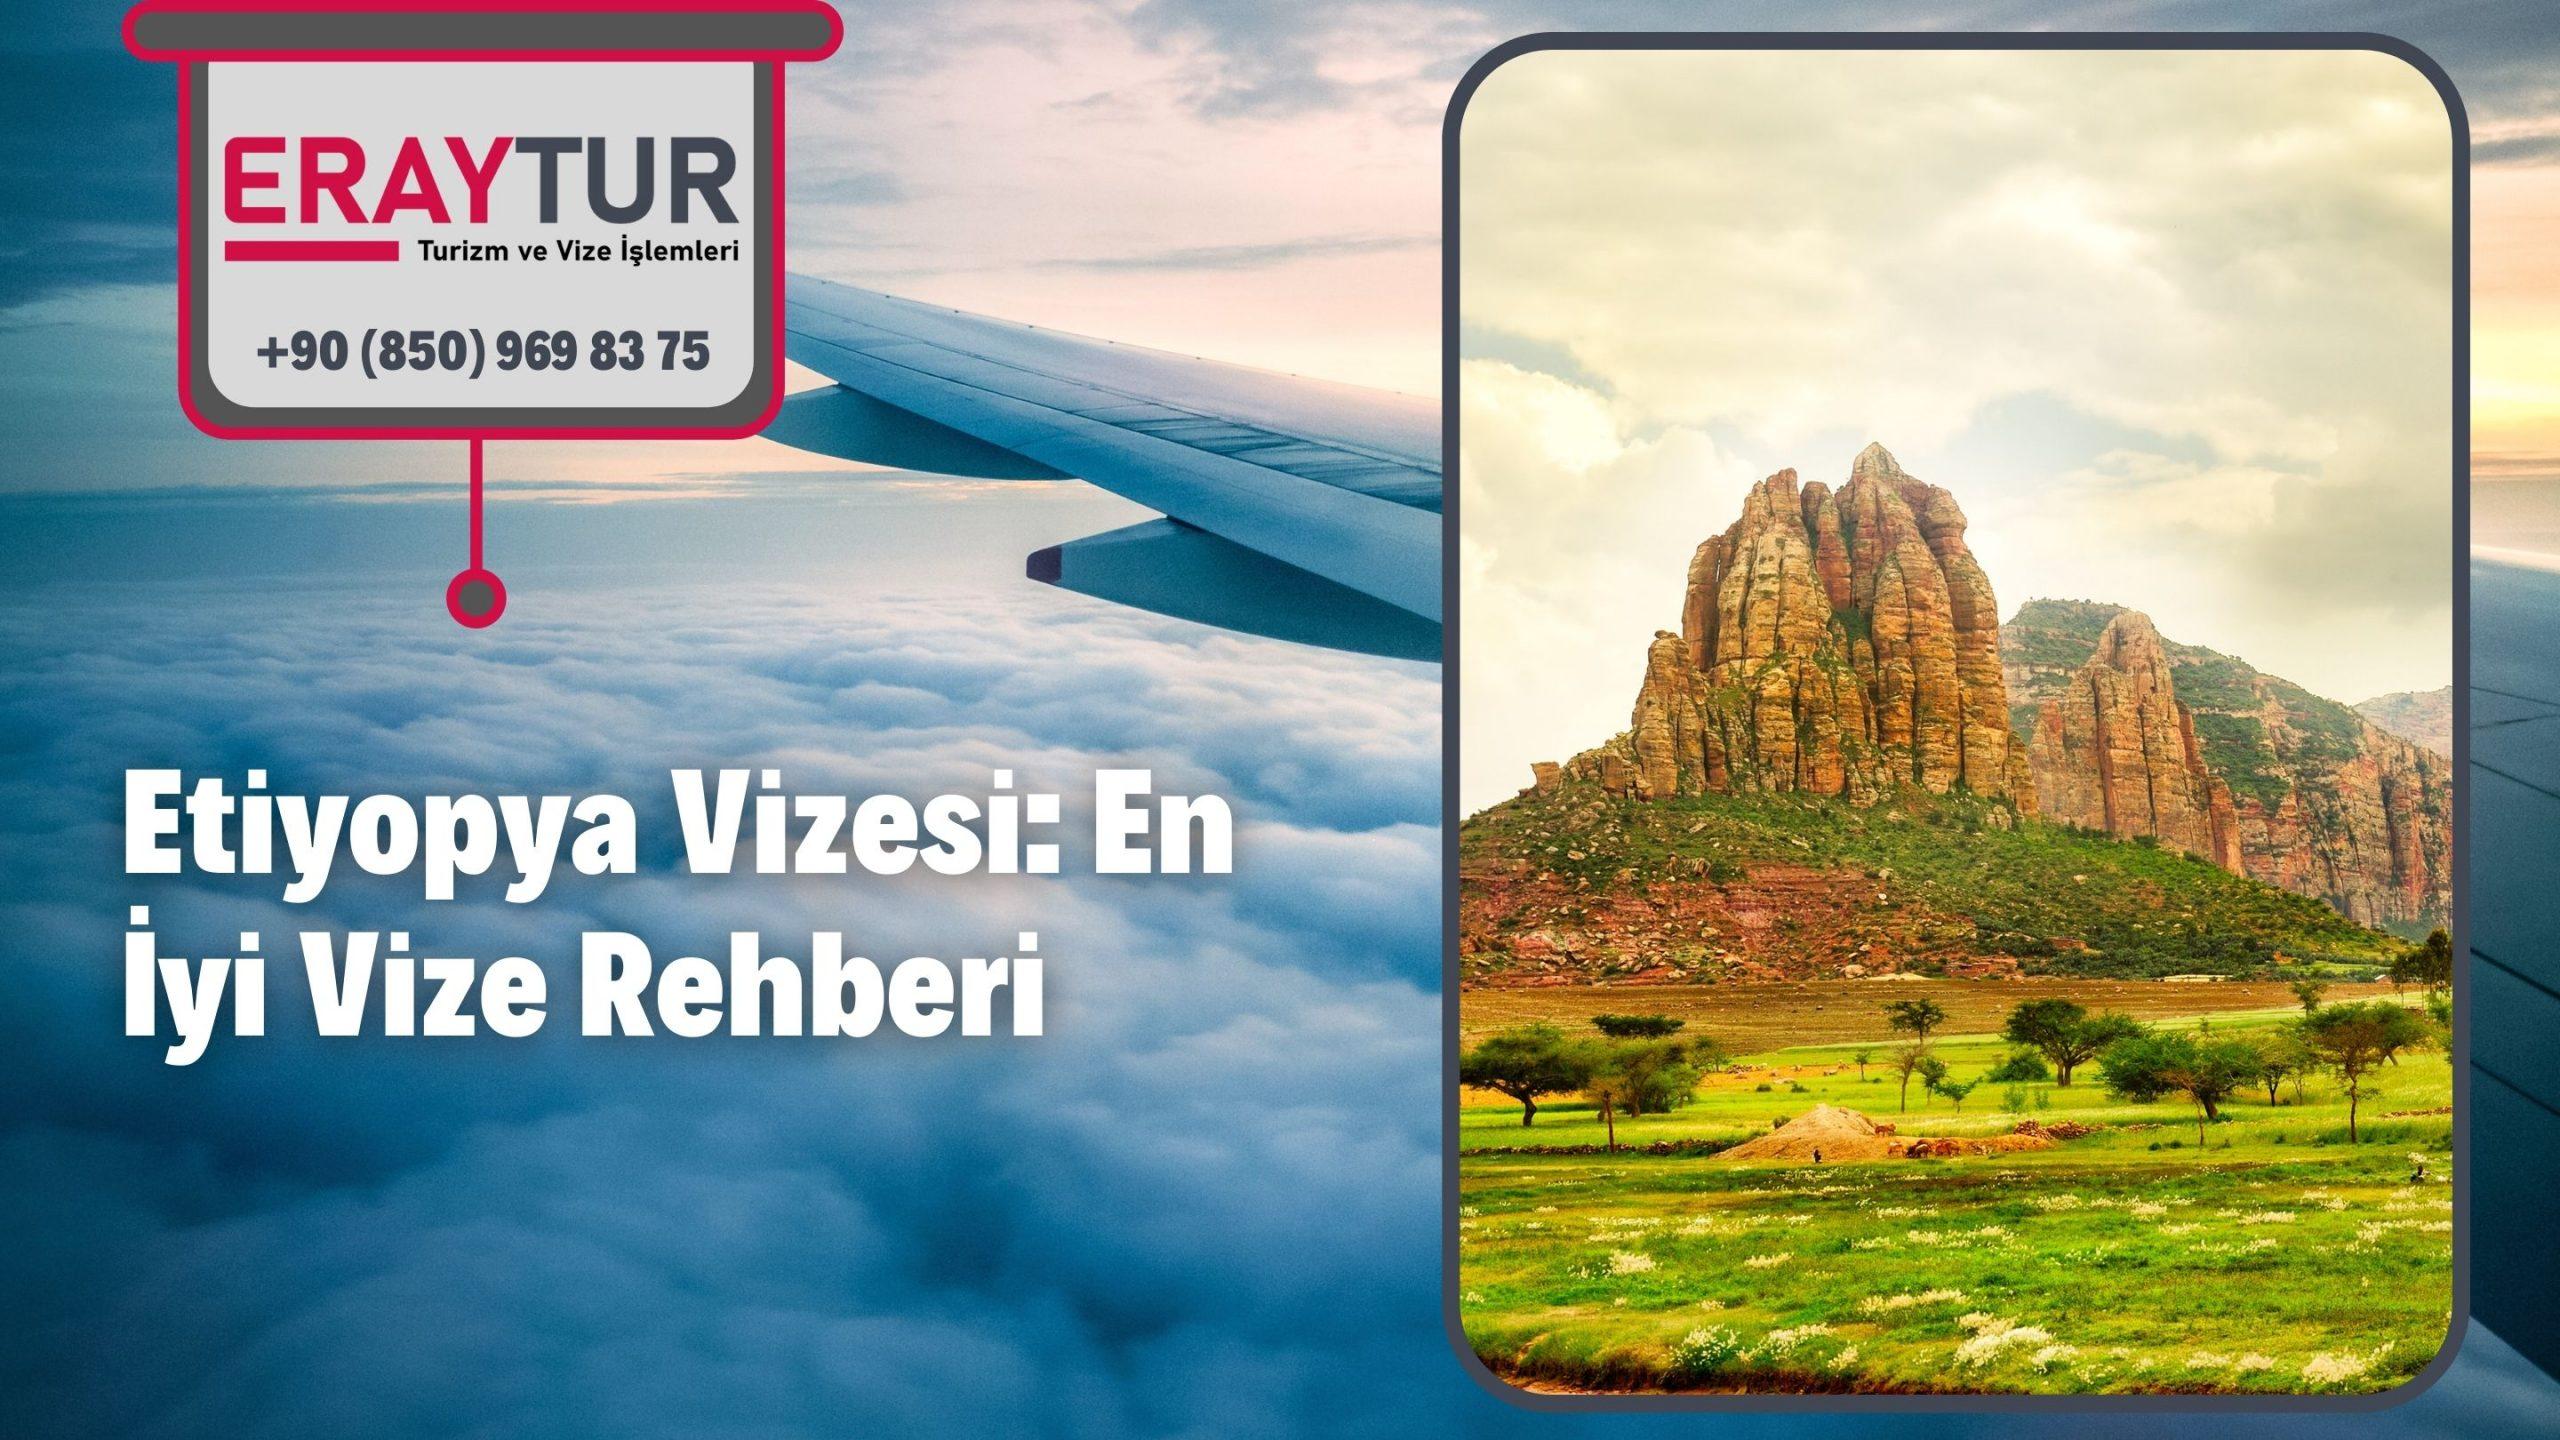 Etiyopya Vizesi: En İyi Vize Rehberi 2021 1 – etiyopya vizesi en iyi vize rehberi 2021 1 scaled